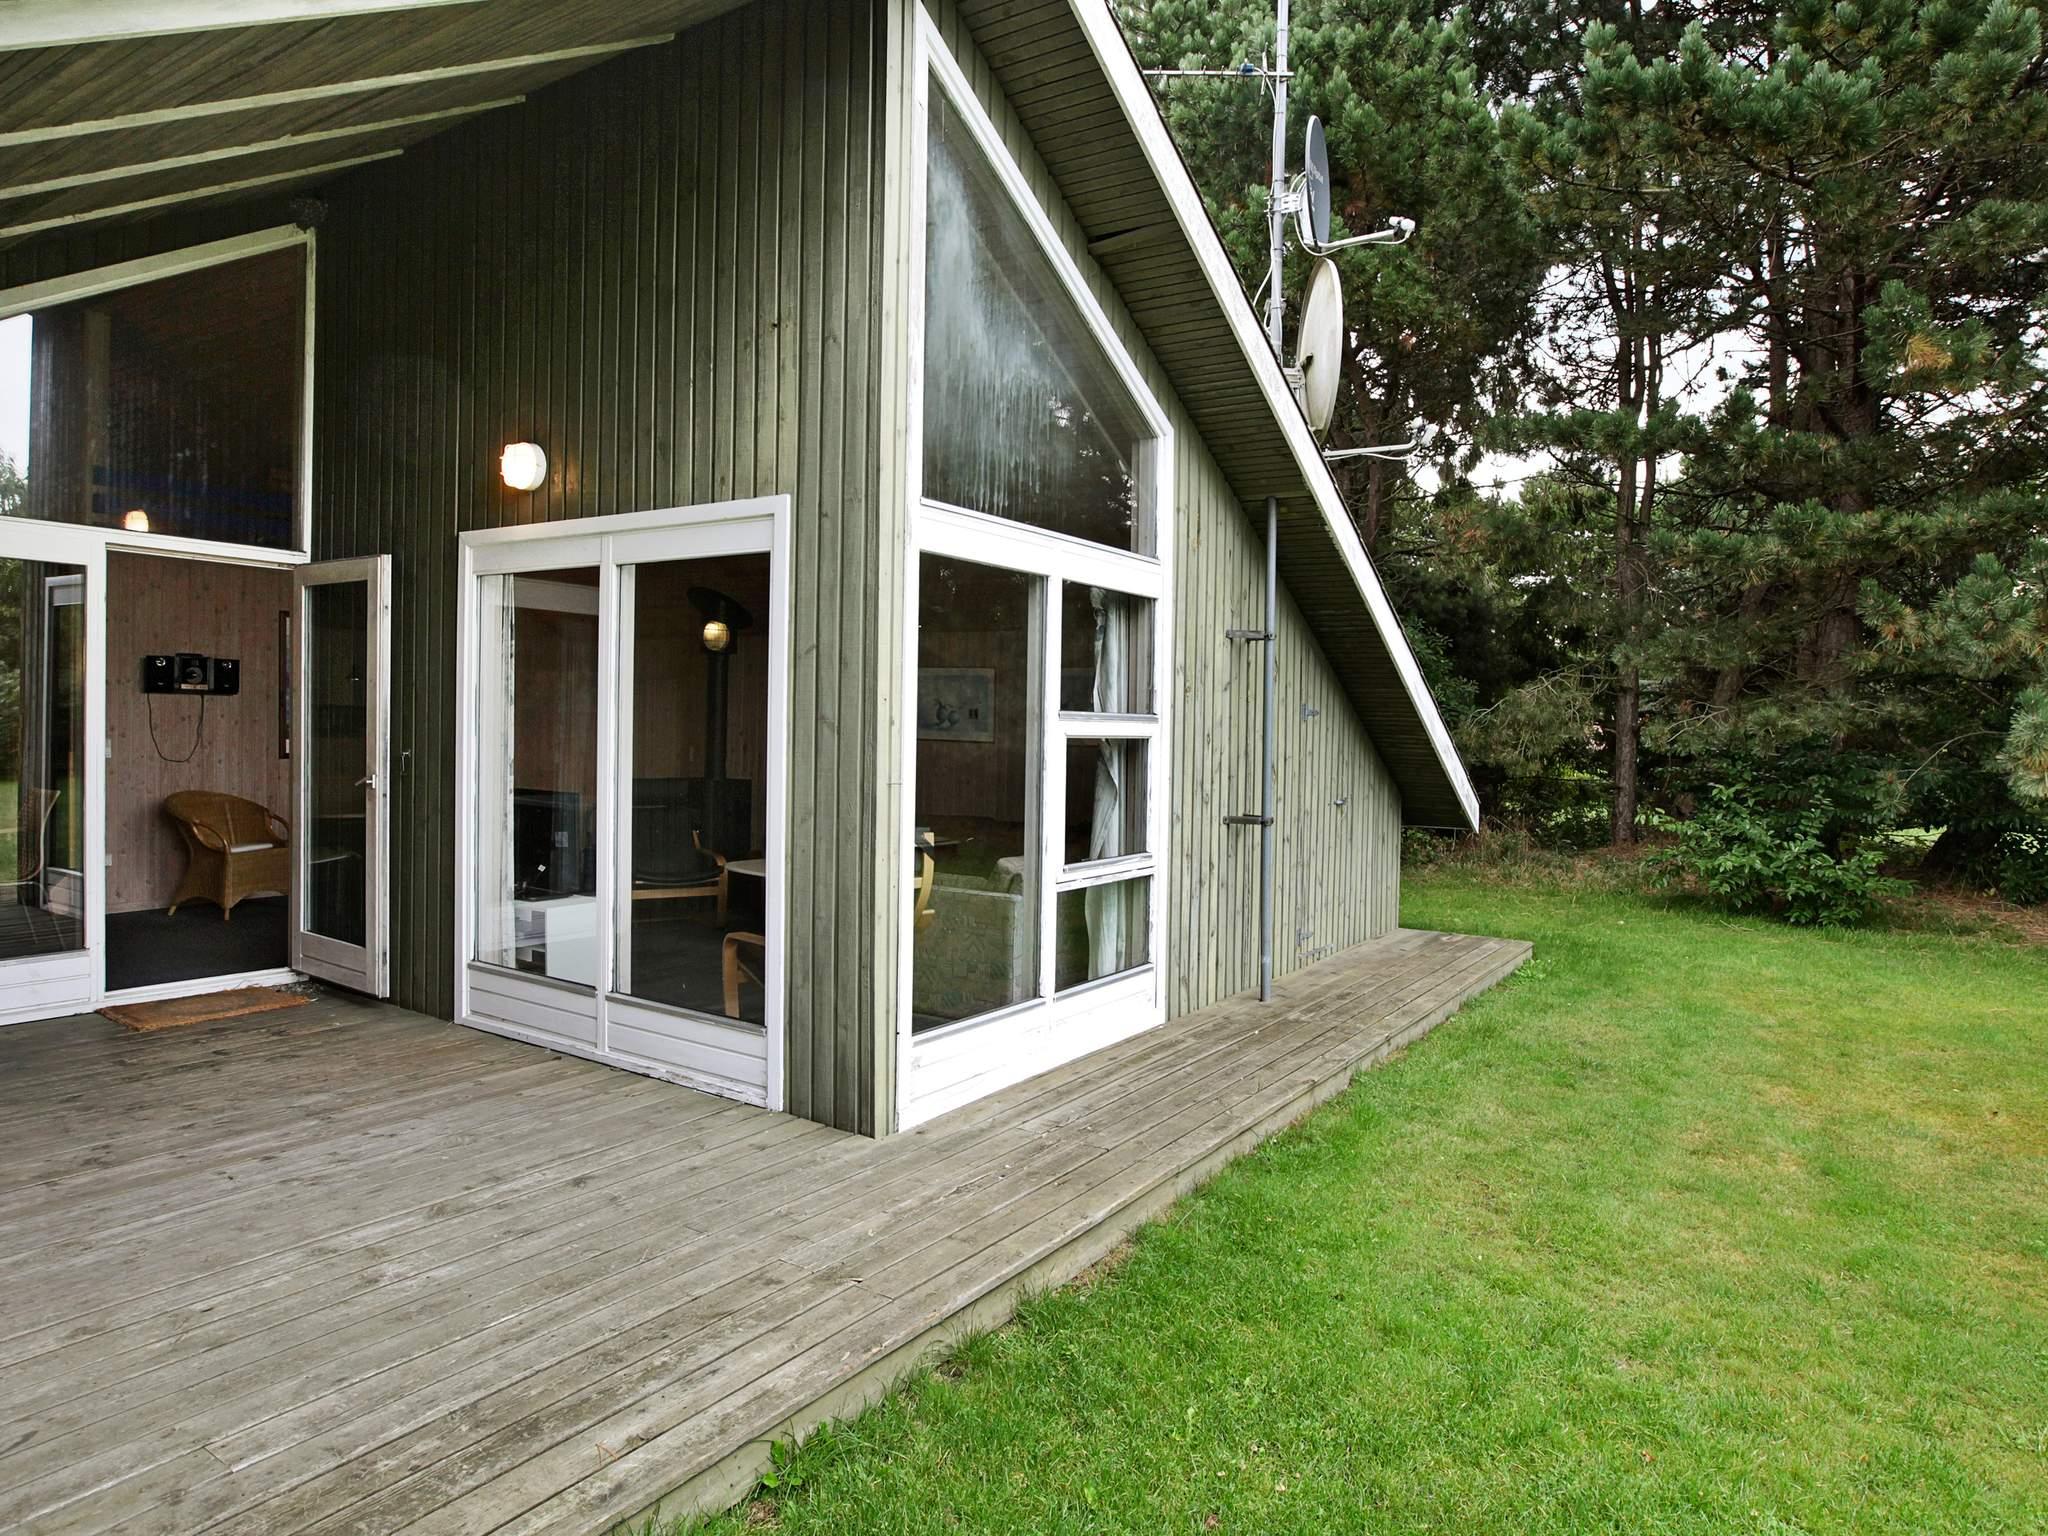 Ferienhaus Hummingen (84295), Hummingen, , Lolland, Dänemark, Bild 24